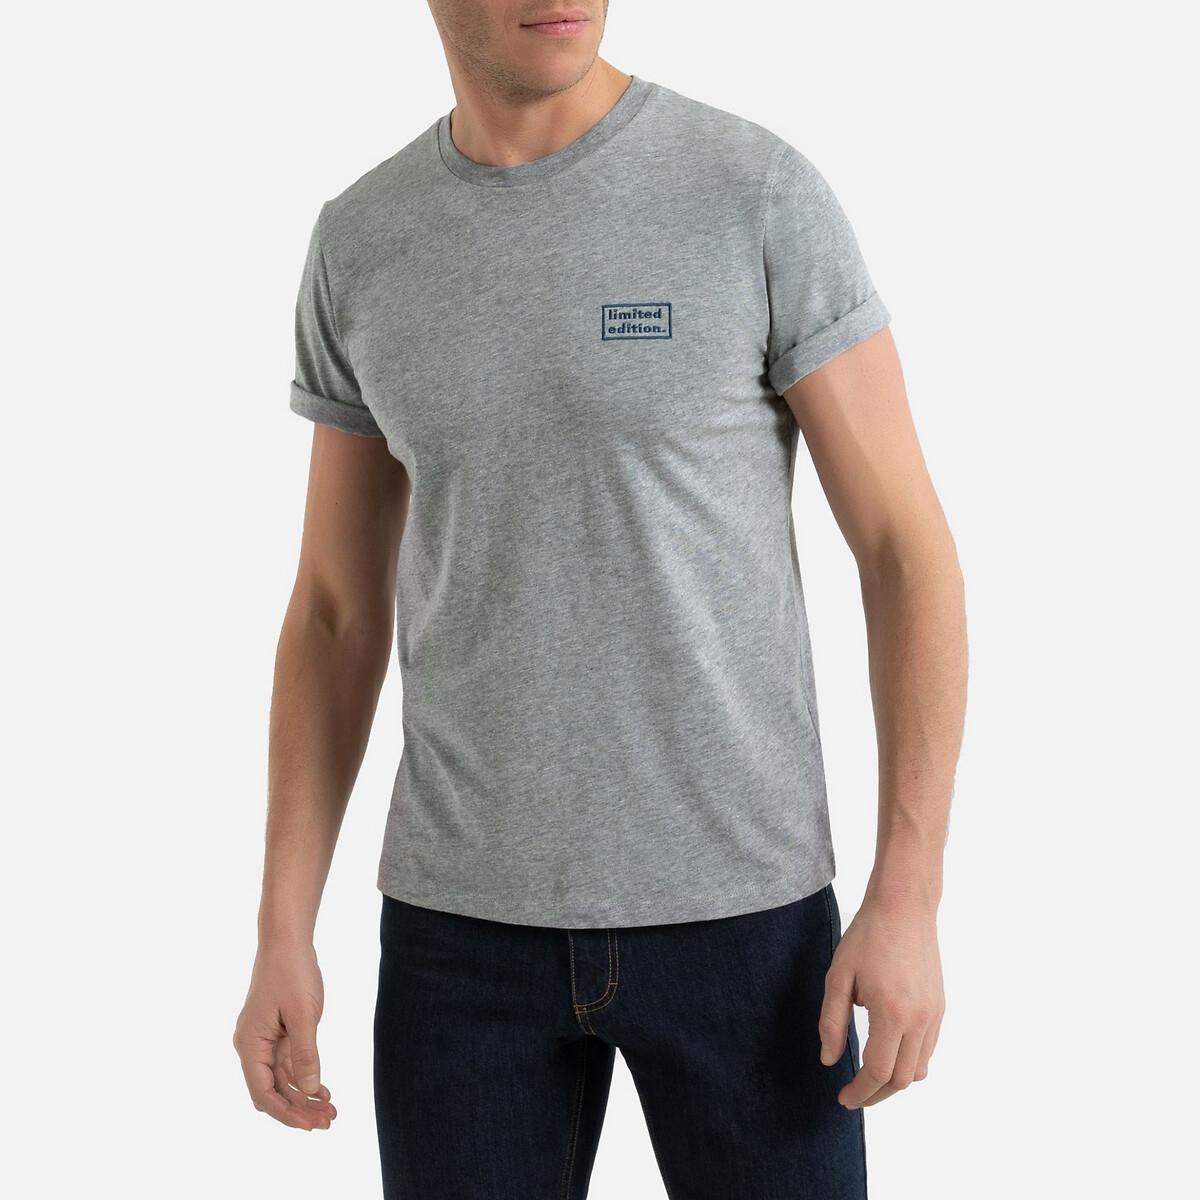 Футболка La Redoute С круглым вырезом и короткими рукавами с принтом на груди 3XL серый футболка la redoute с круглым вырезом и принтом спереди 3 года 94 см серый